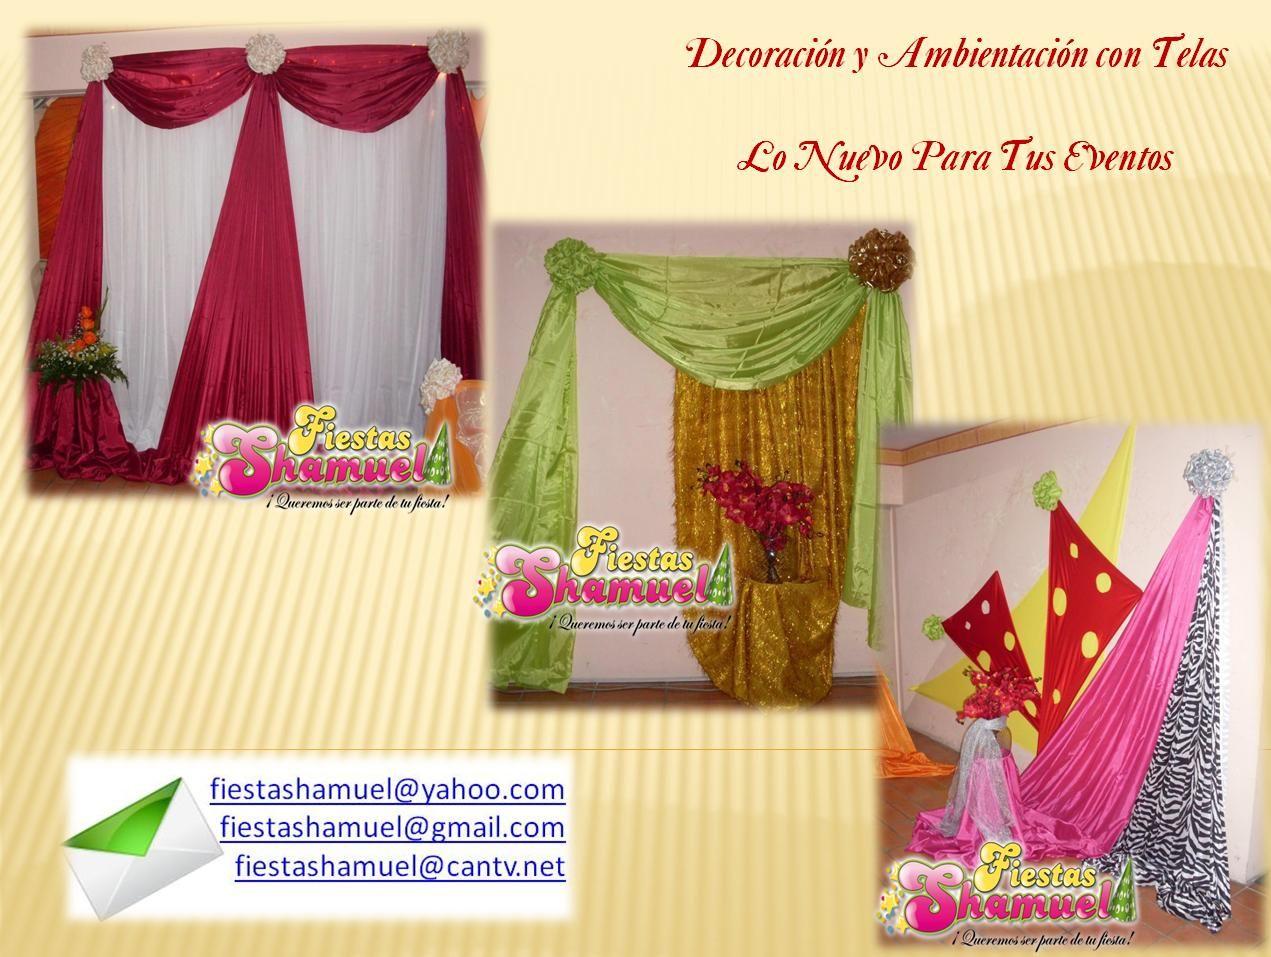 Servicios Decoración y Ambientaciones con Telas fiestashamuel@gmail.com